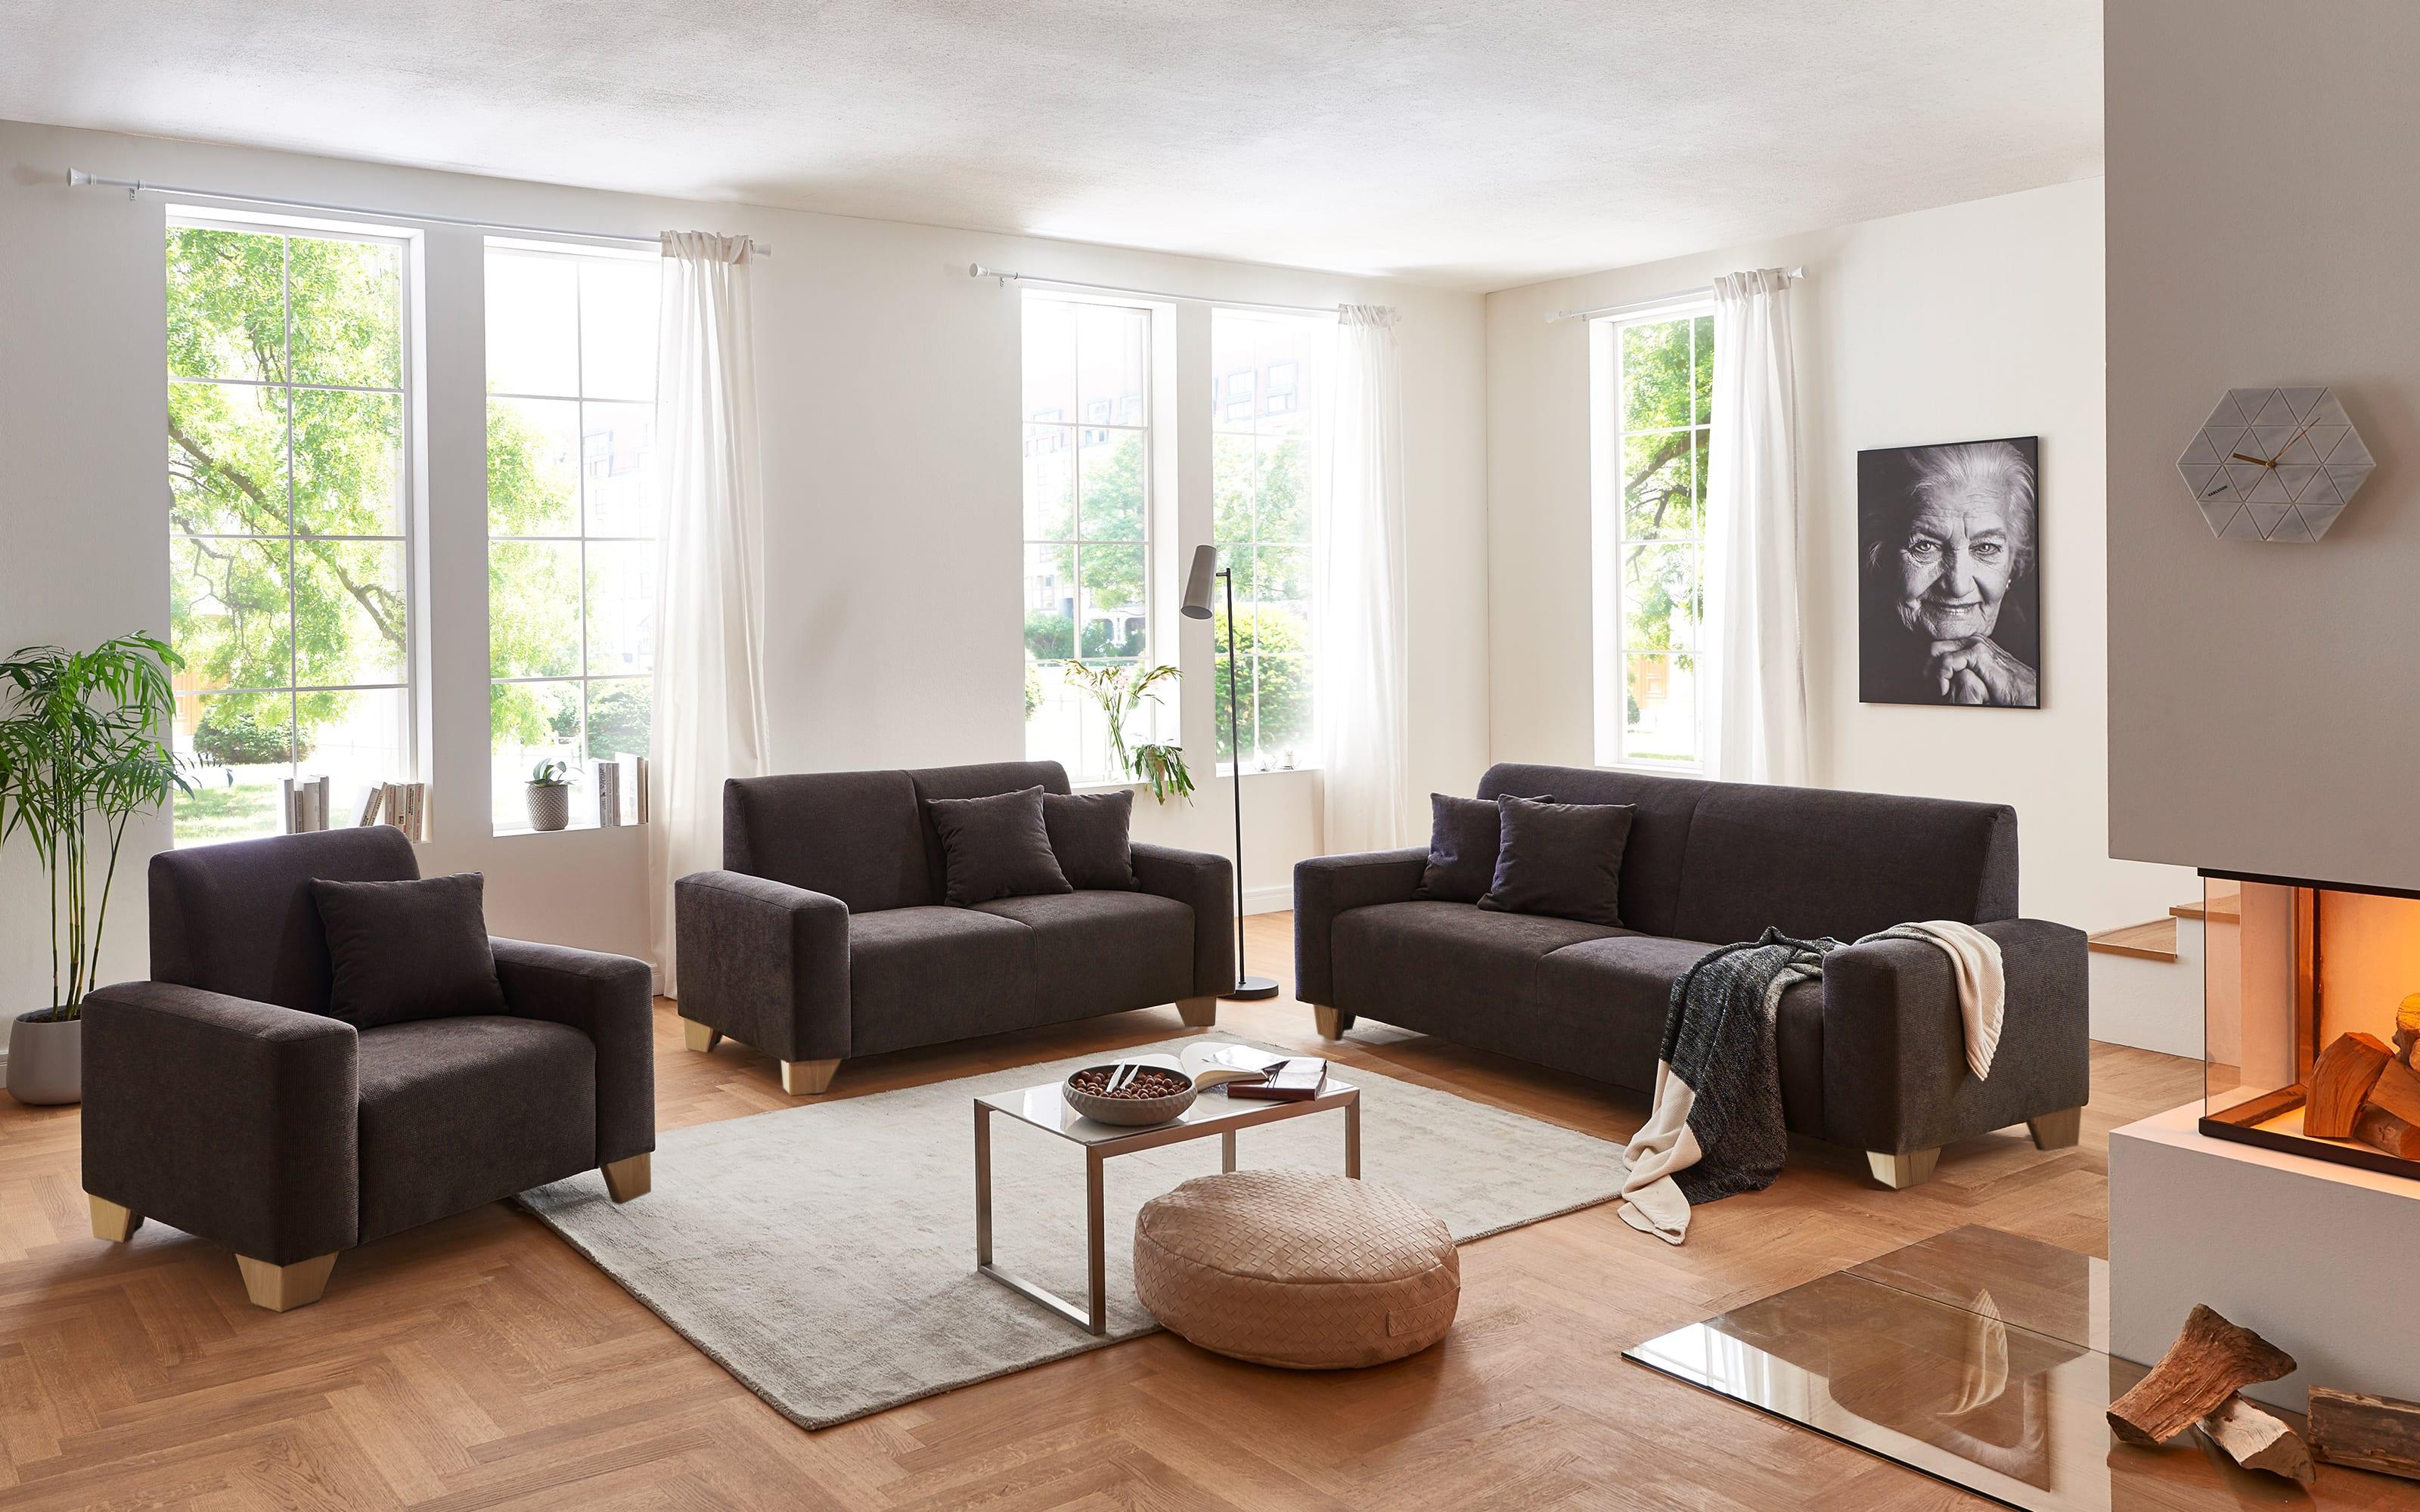 Sofa 3-Sitzer Julia in braun, mit Federkern-Polsterung und Kissen